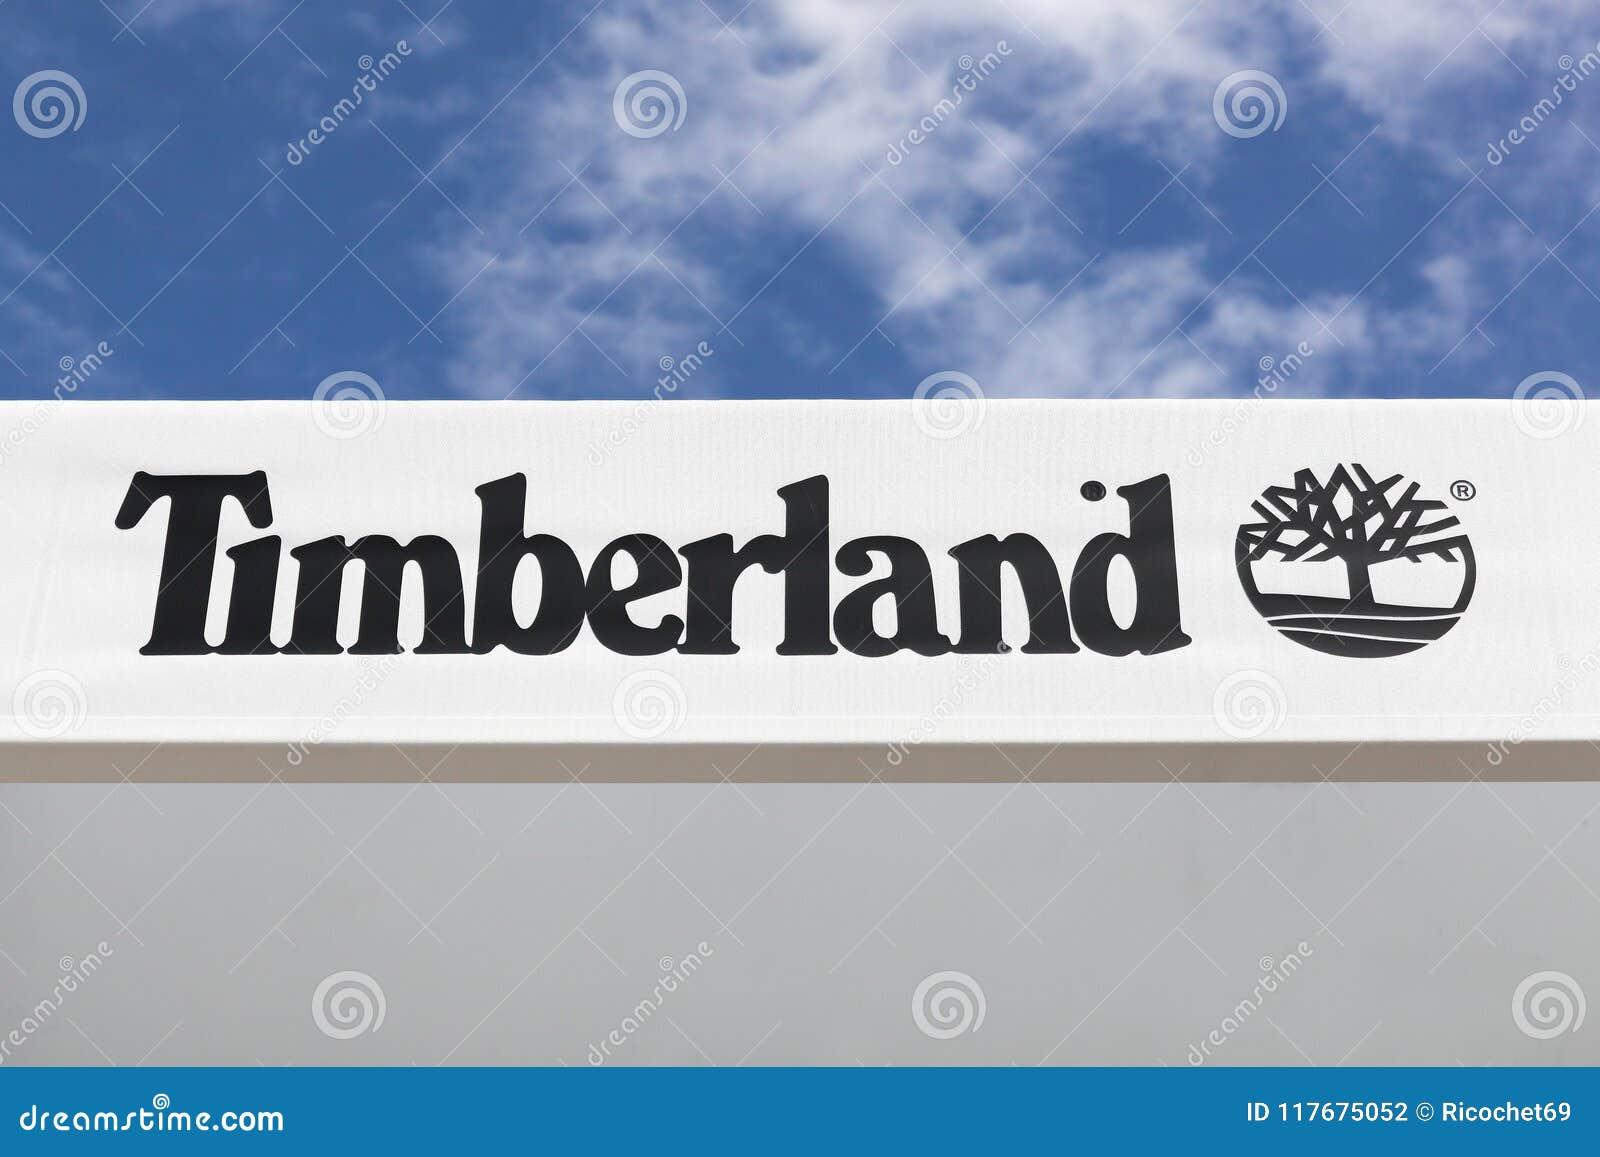 Timberland logo on a facade